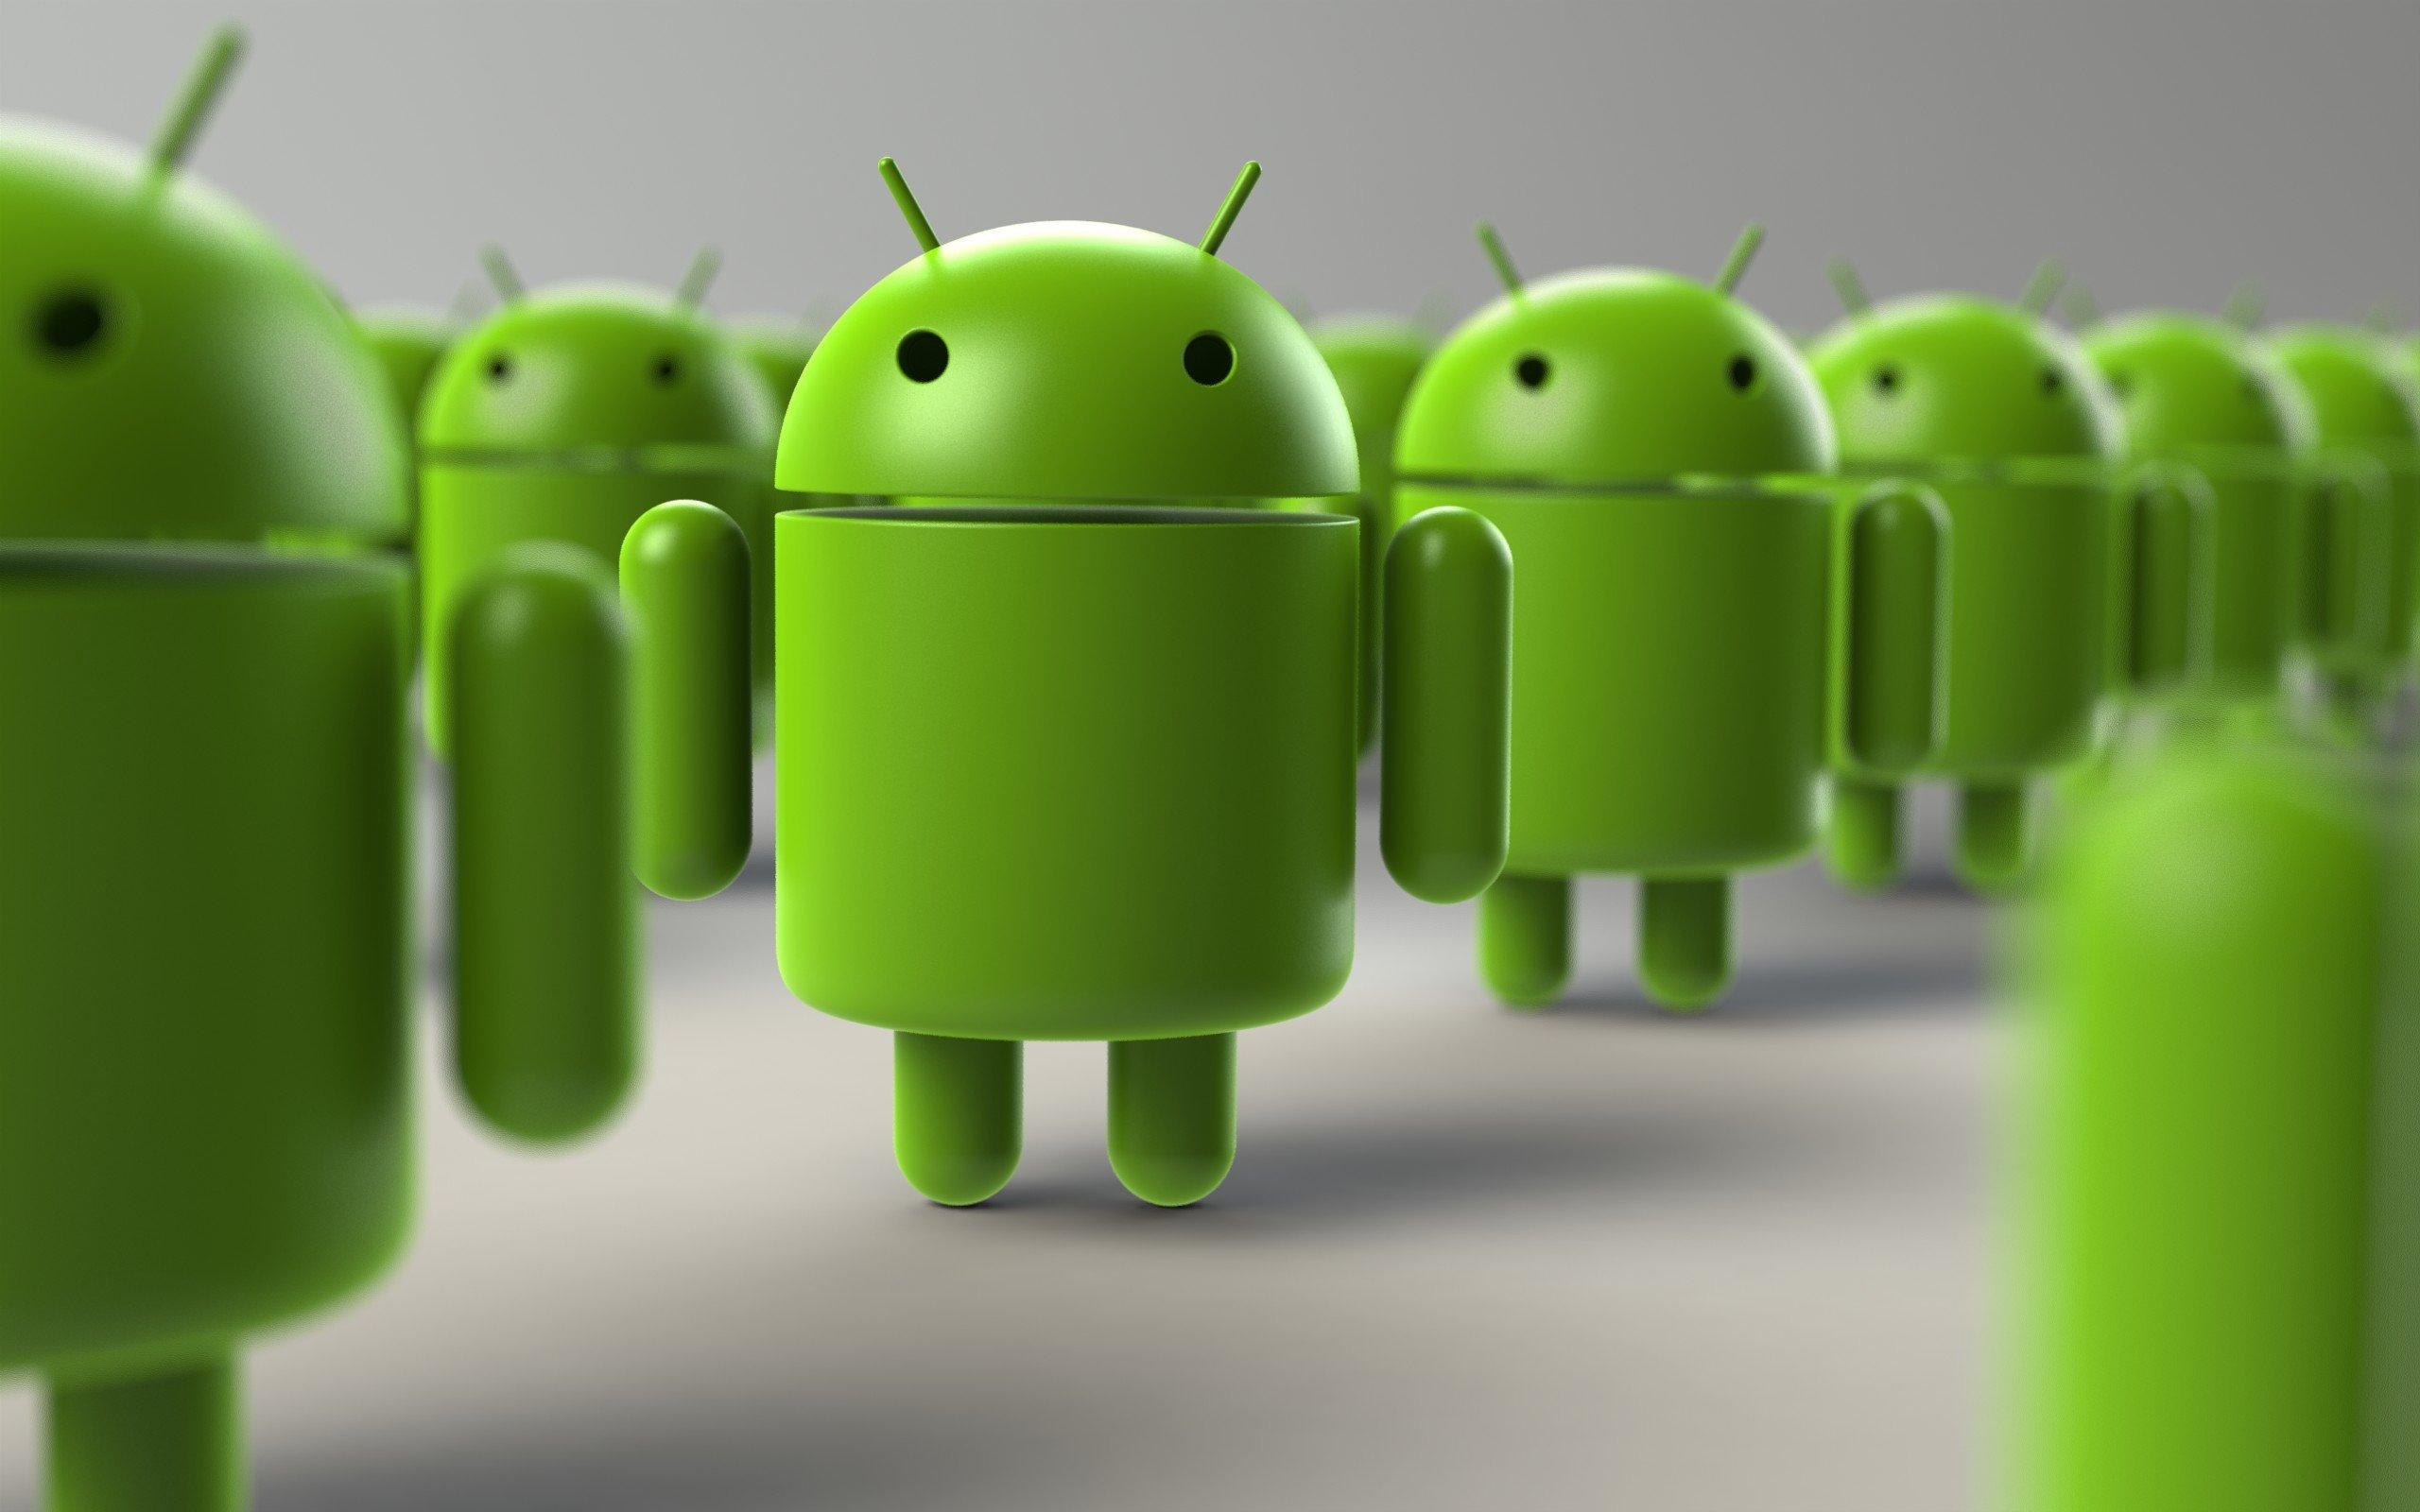 Известный смартфон Xiaomi начал «глючить» после обновления андроид